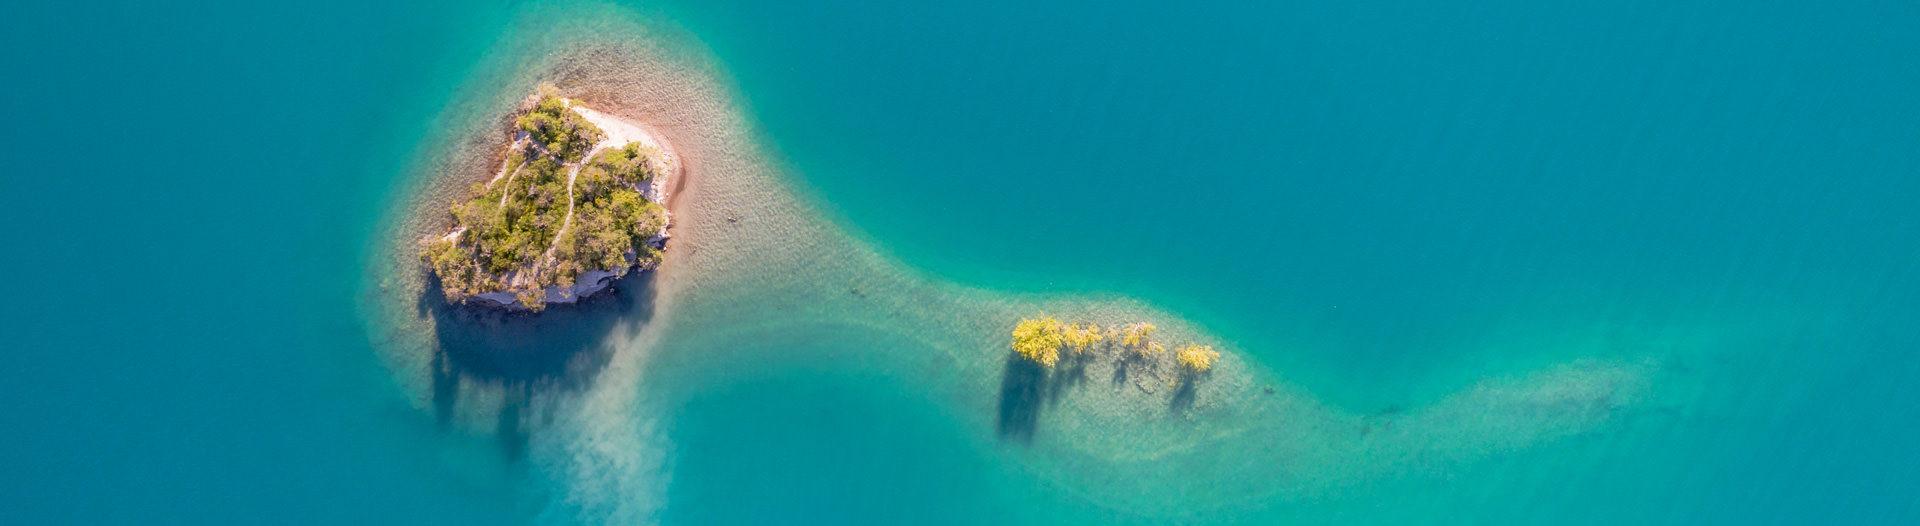 Serre-Ponçon offre des îlots et criques sauvages